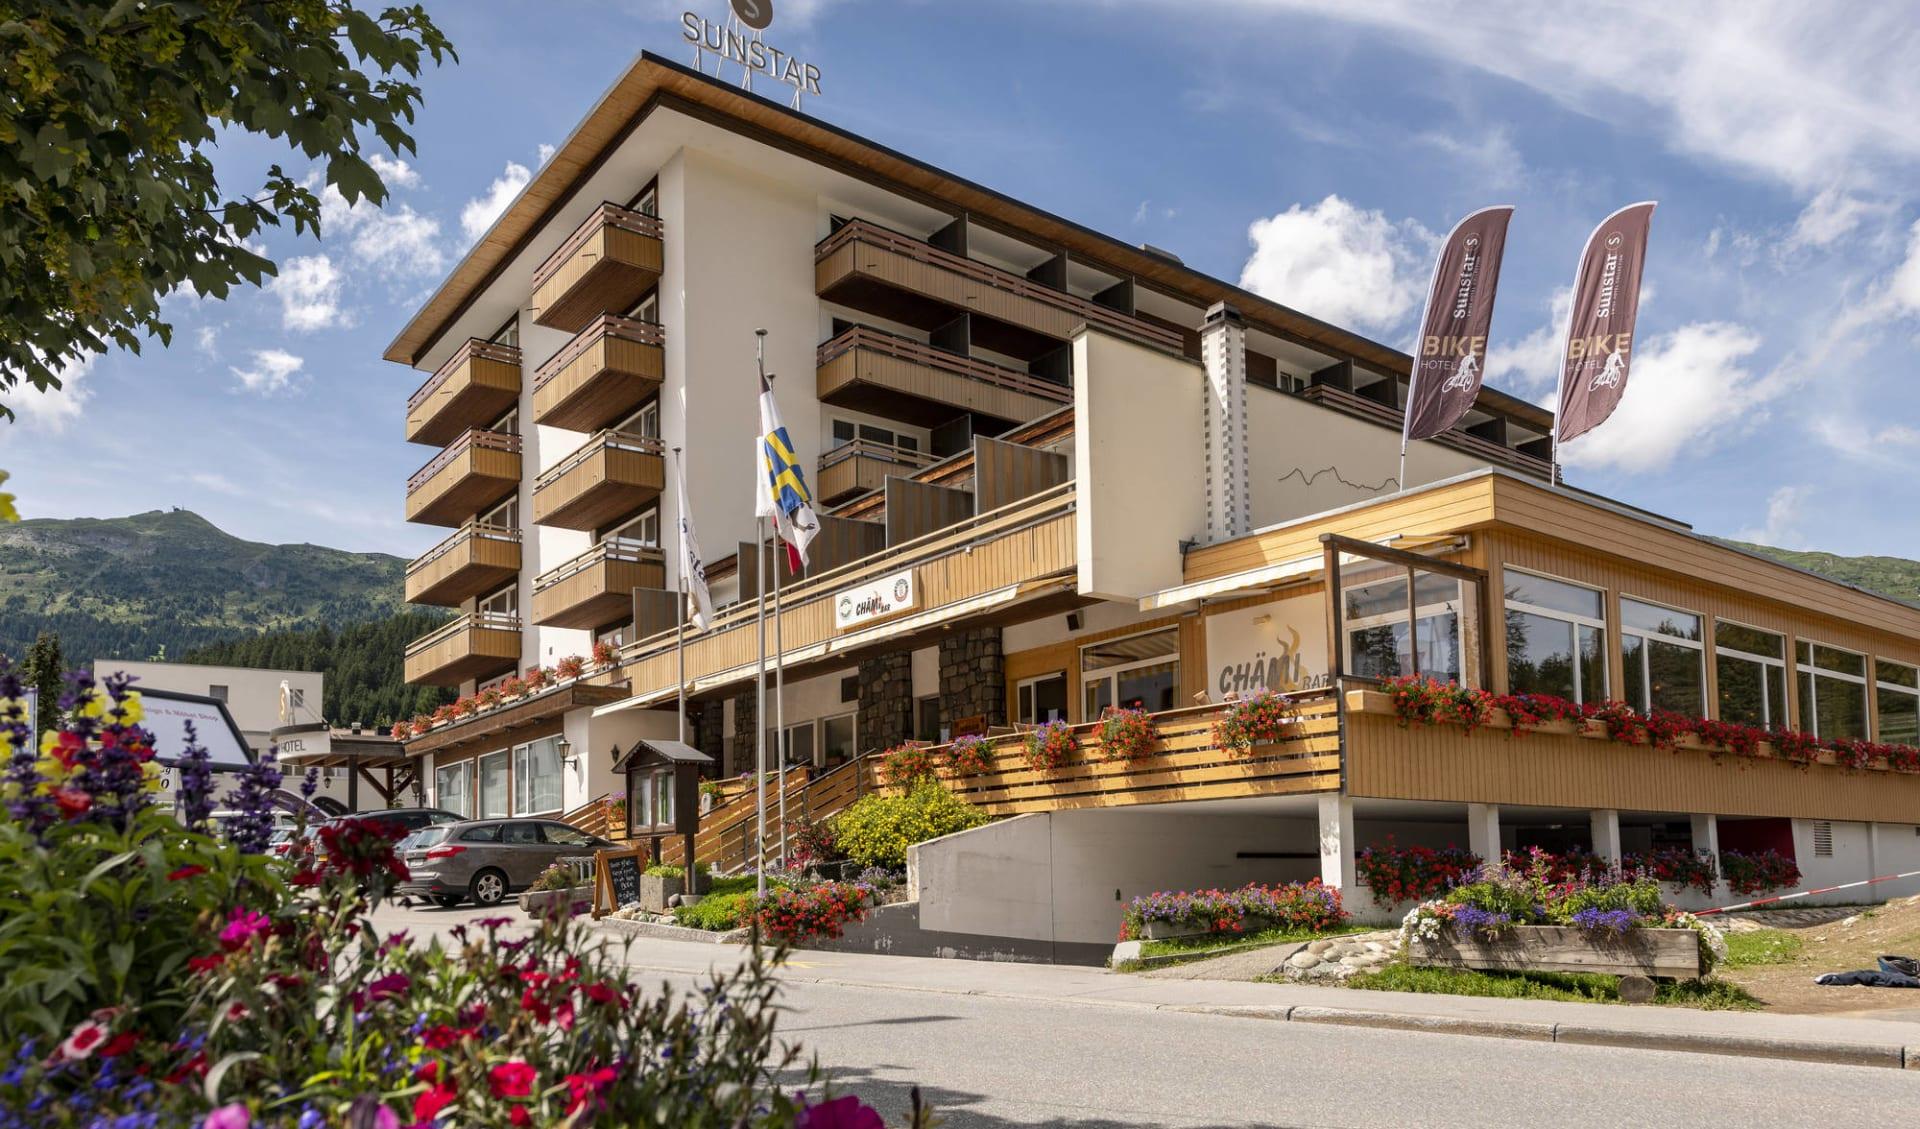 Lenzerheide - Hotel Sunstar: Aussenansicht - Sunstar Hotel Lenzerheide